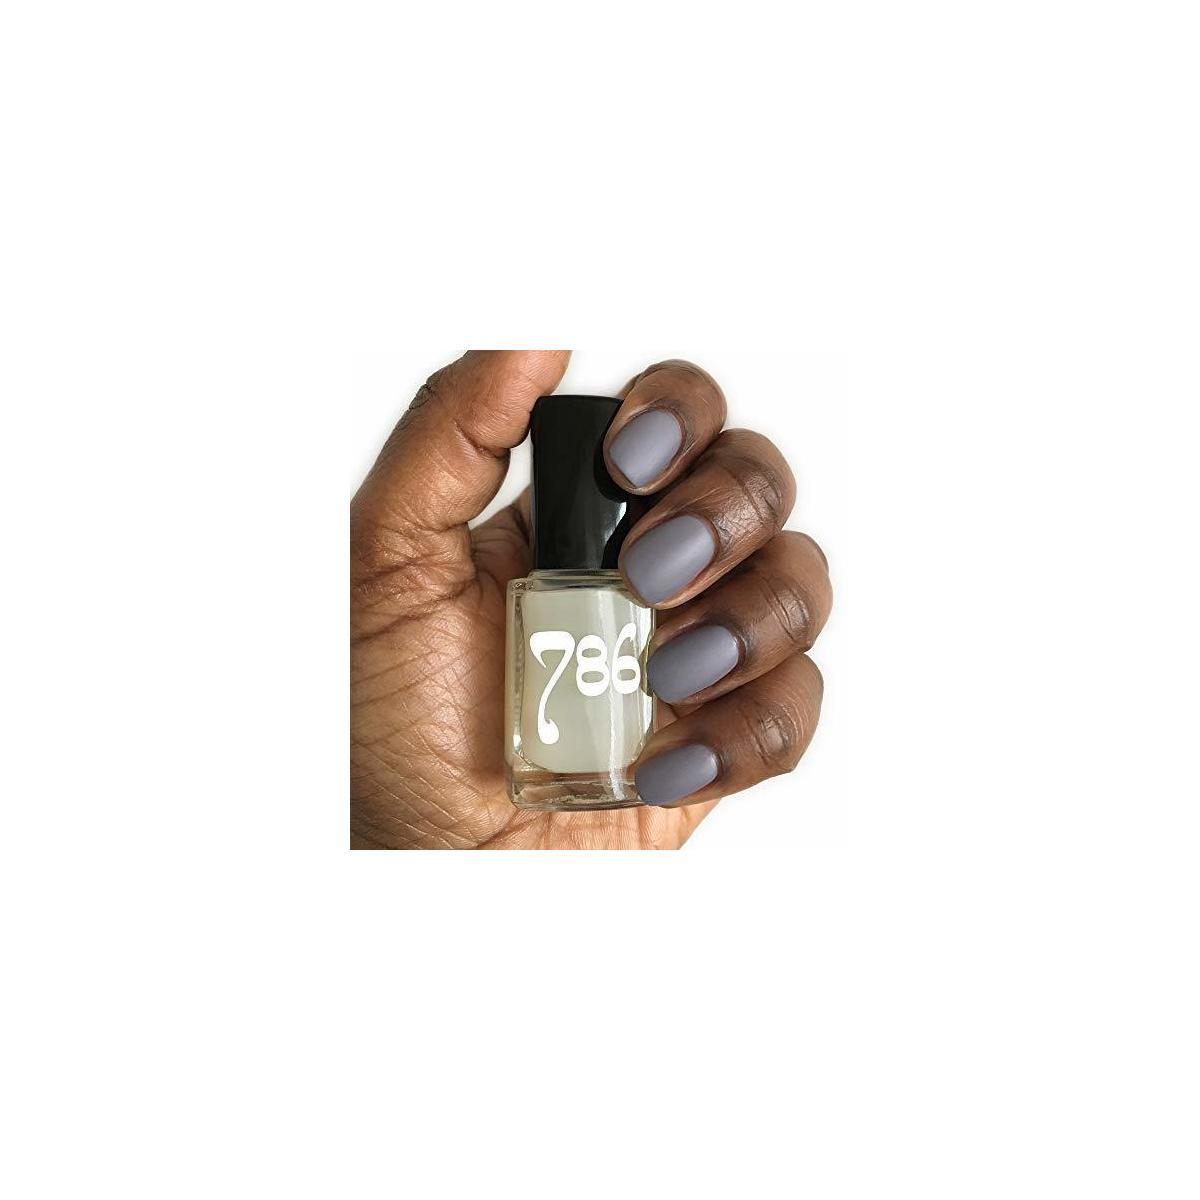 786 Top Coat Matte Nail Polish (Turn any nail polish color into a beautiful matte finish)